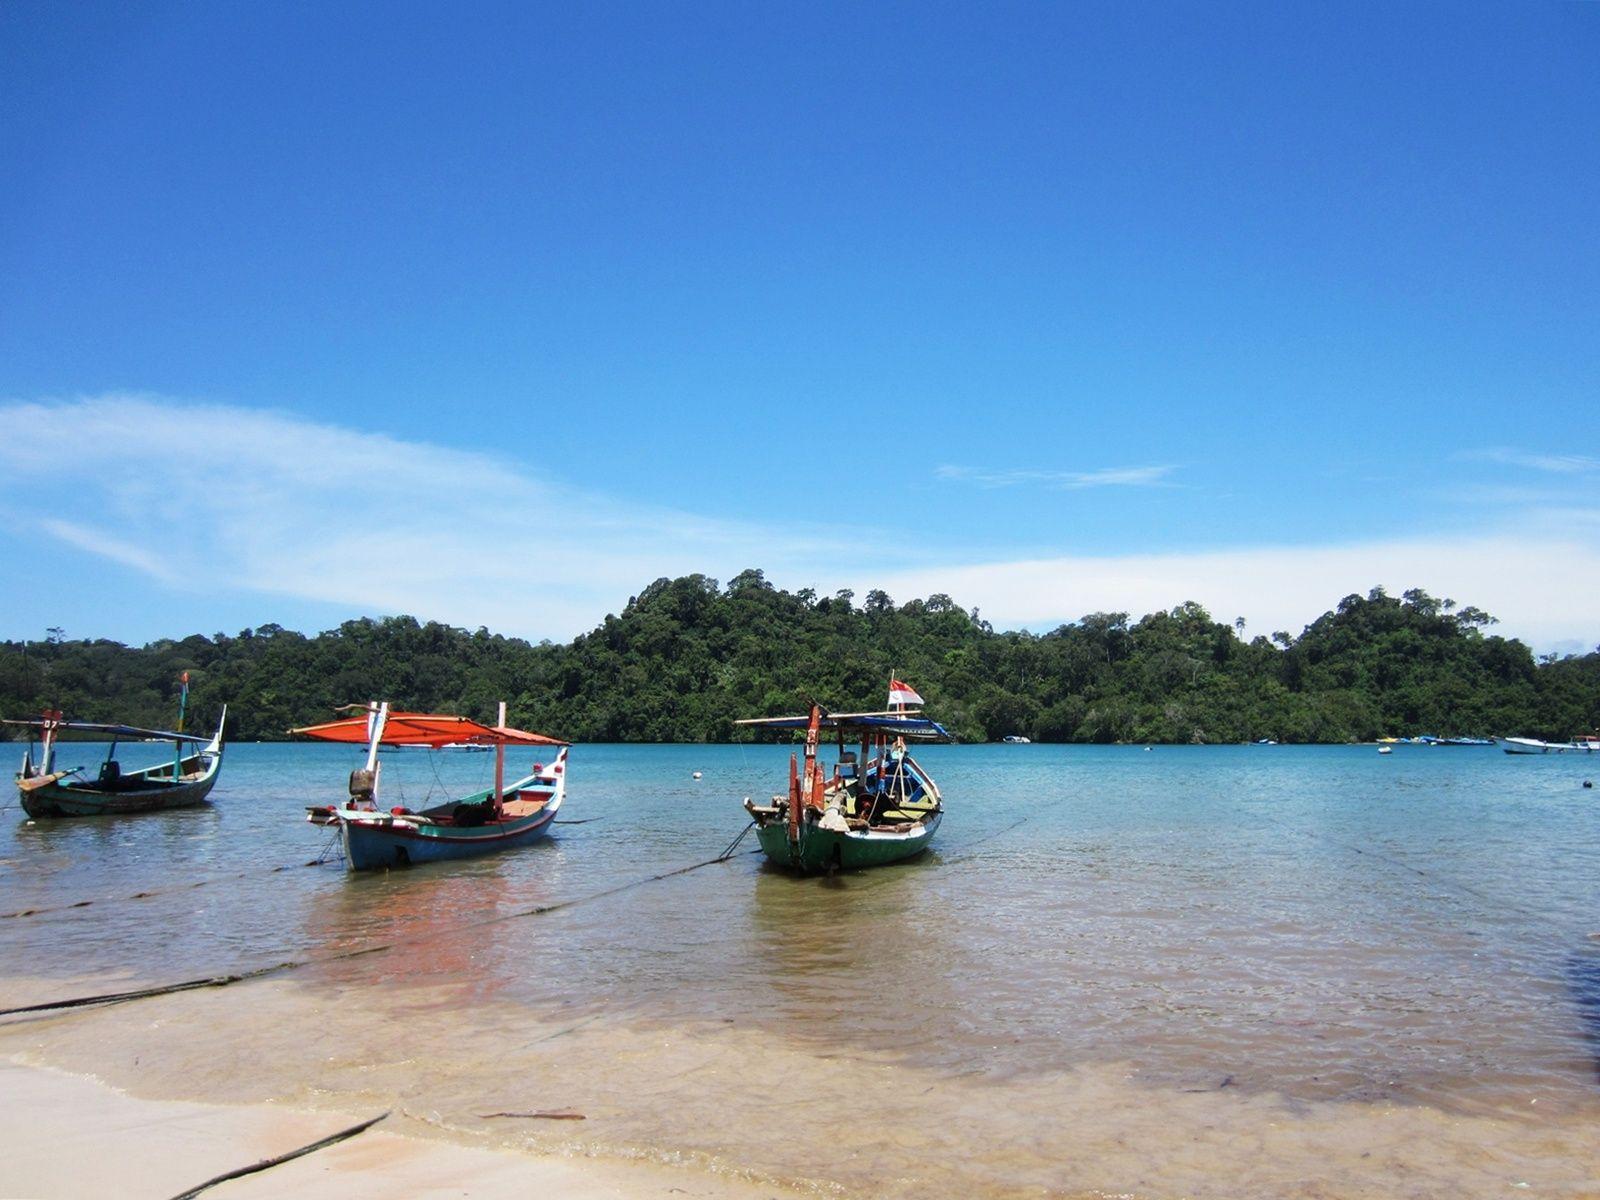 Pantai Sendang Biru Obyek Wisata Yang Sangat Indah Di Malang Jawa Timur Pantai Biru Malang